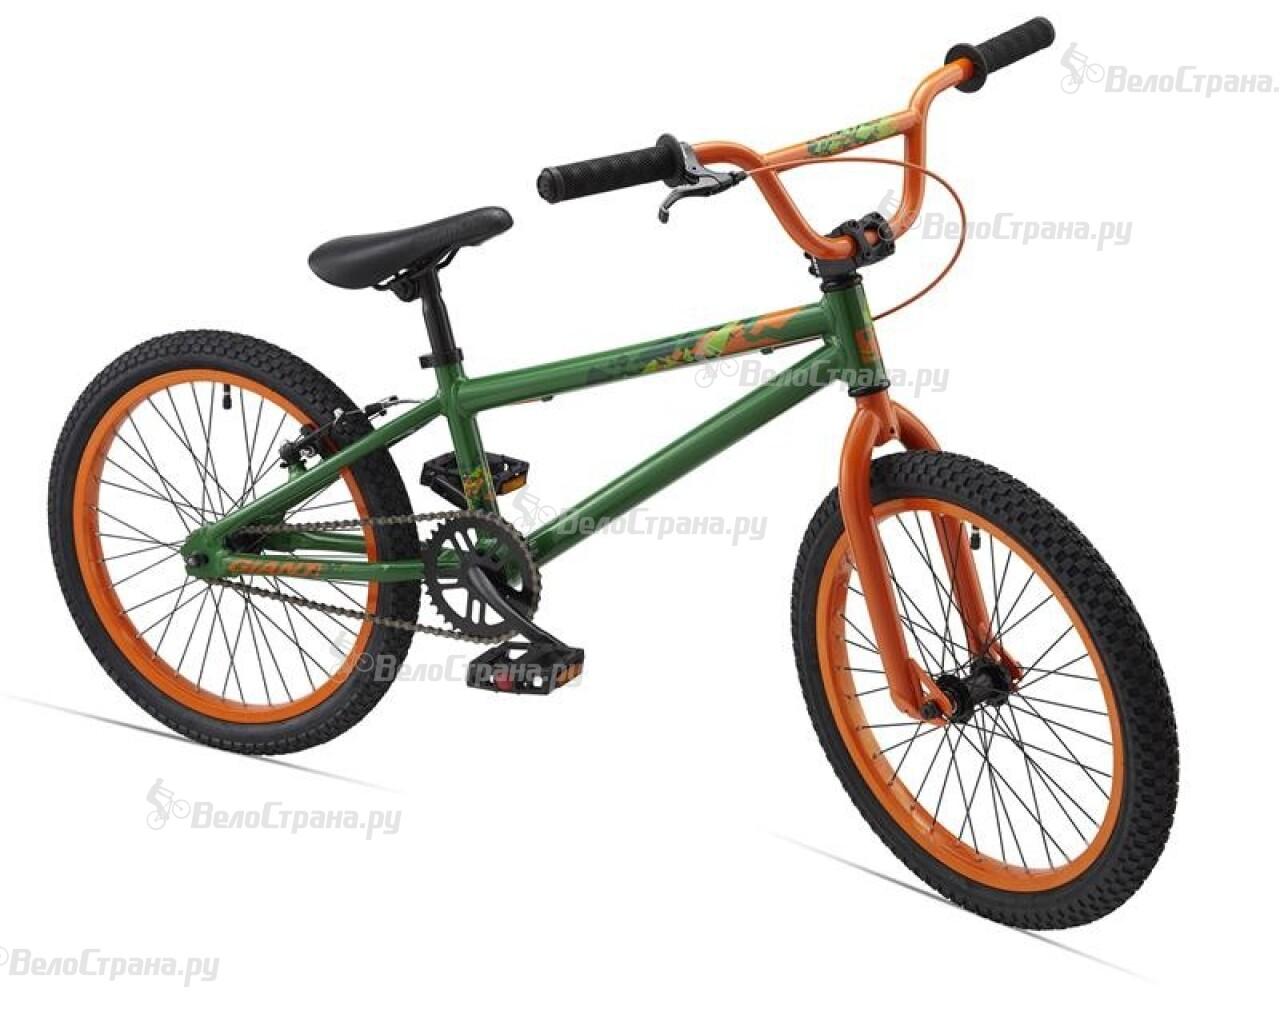 Велосипед Giant GFR F/W (2015)